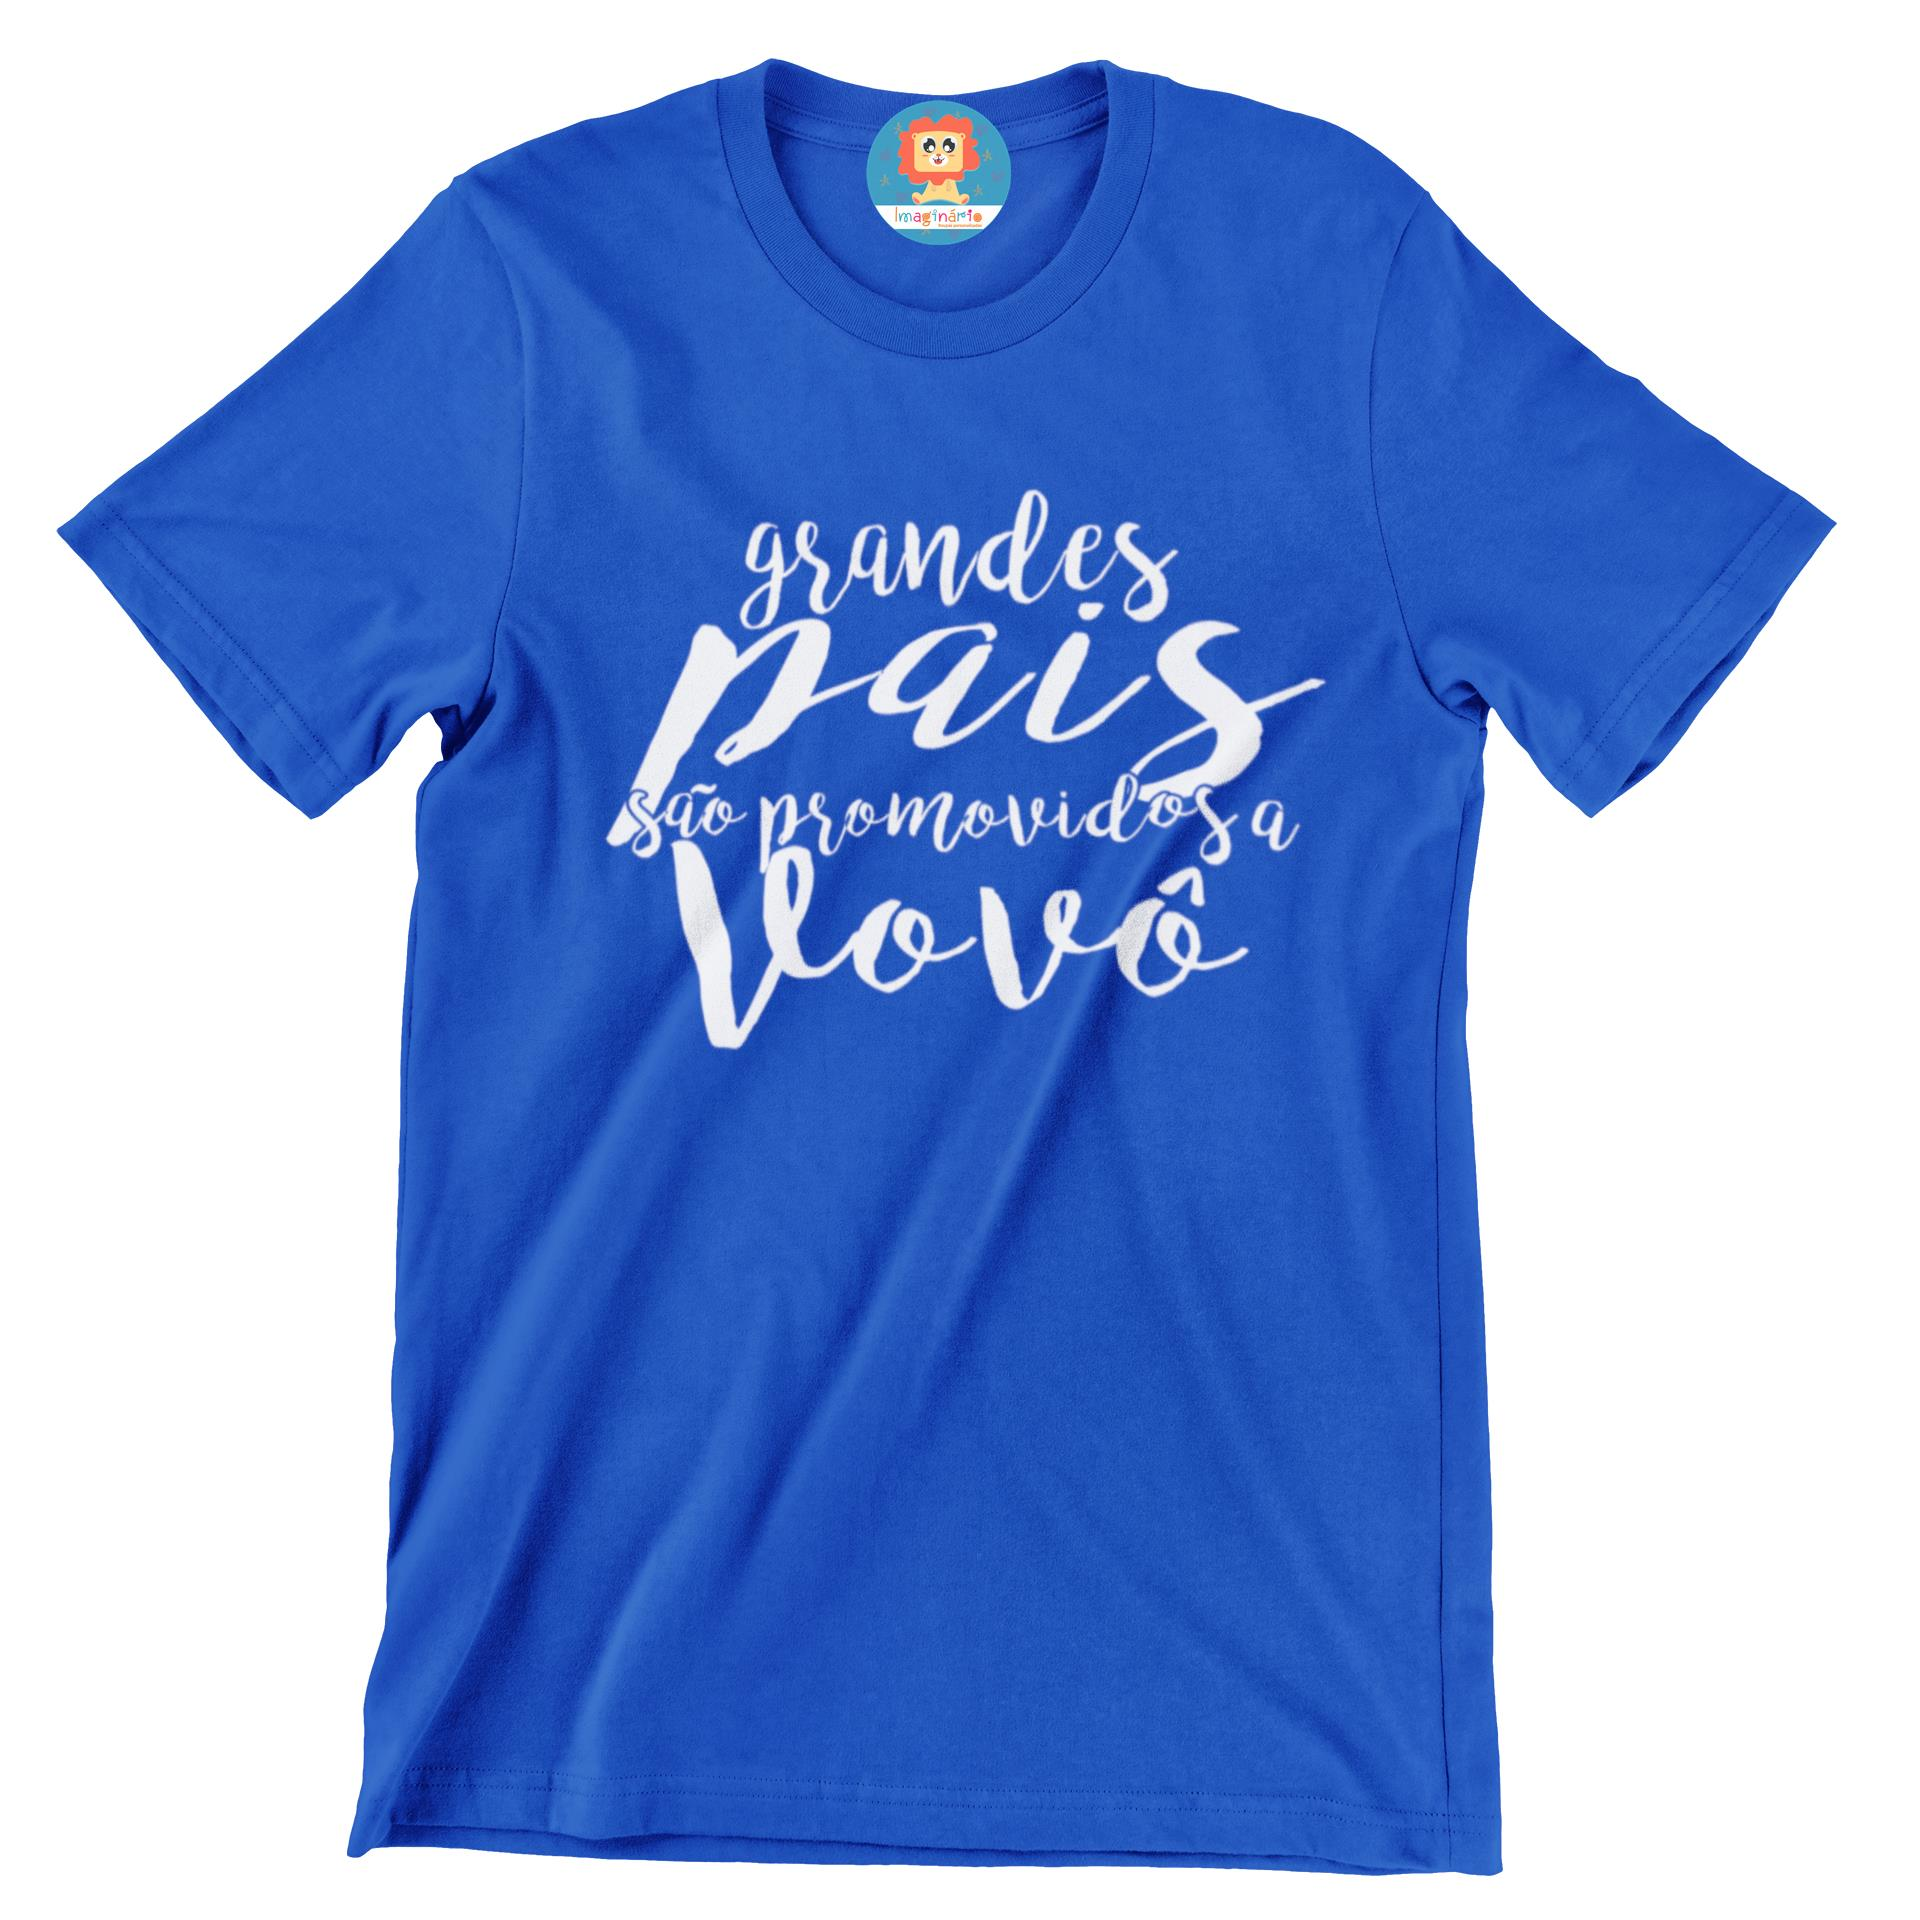 Camiseta Grandes Pais são Promovidos a Vovô